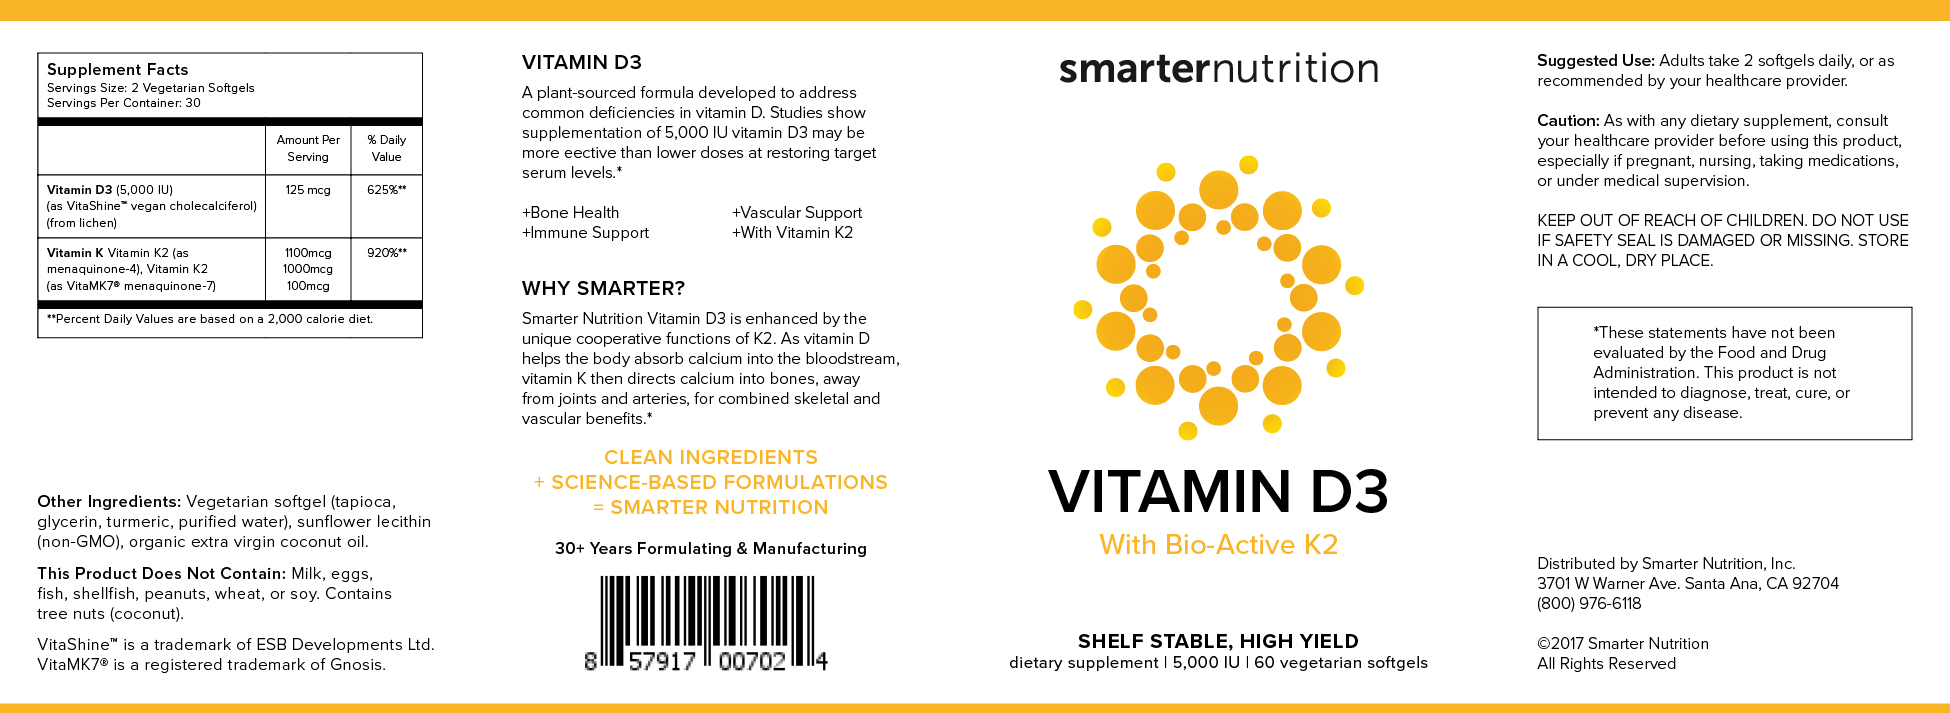 Smarter Nutrition Vitamin D3 Label Design - KLN Design